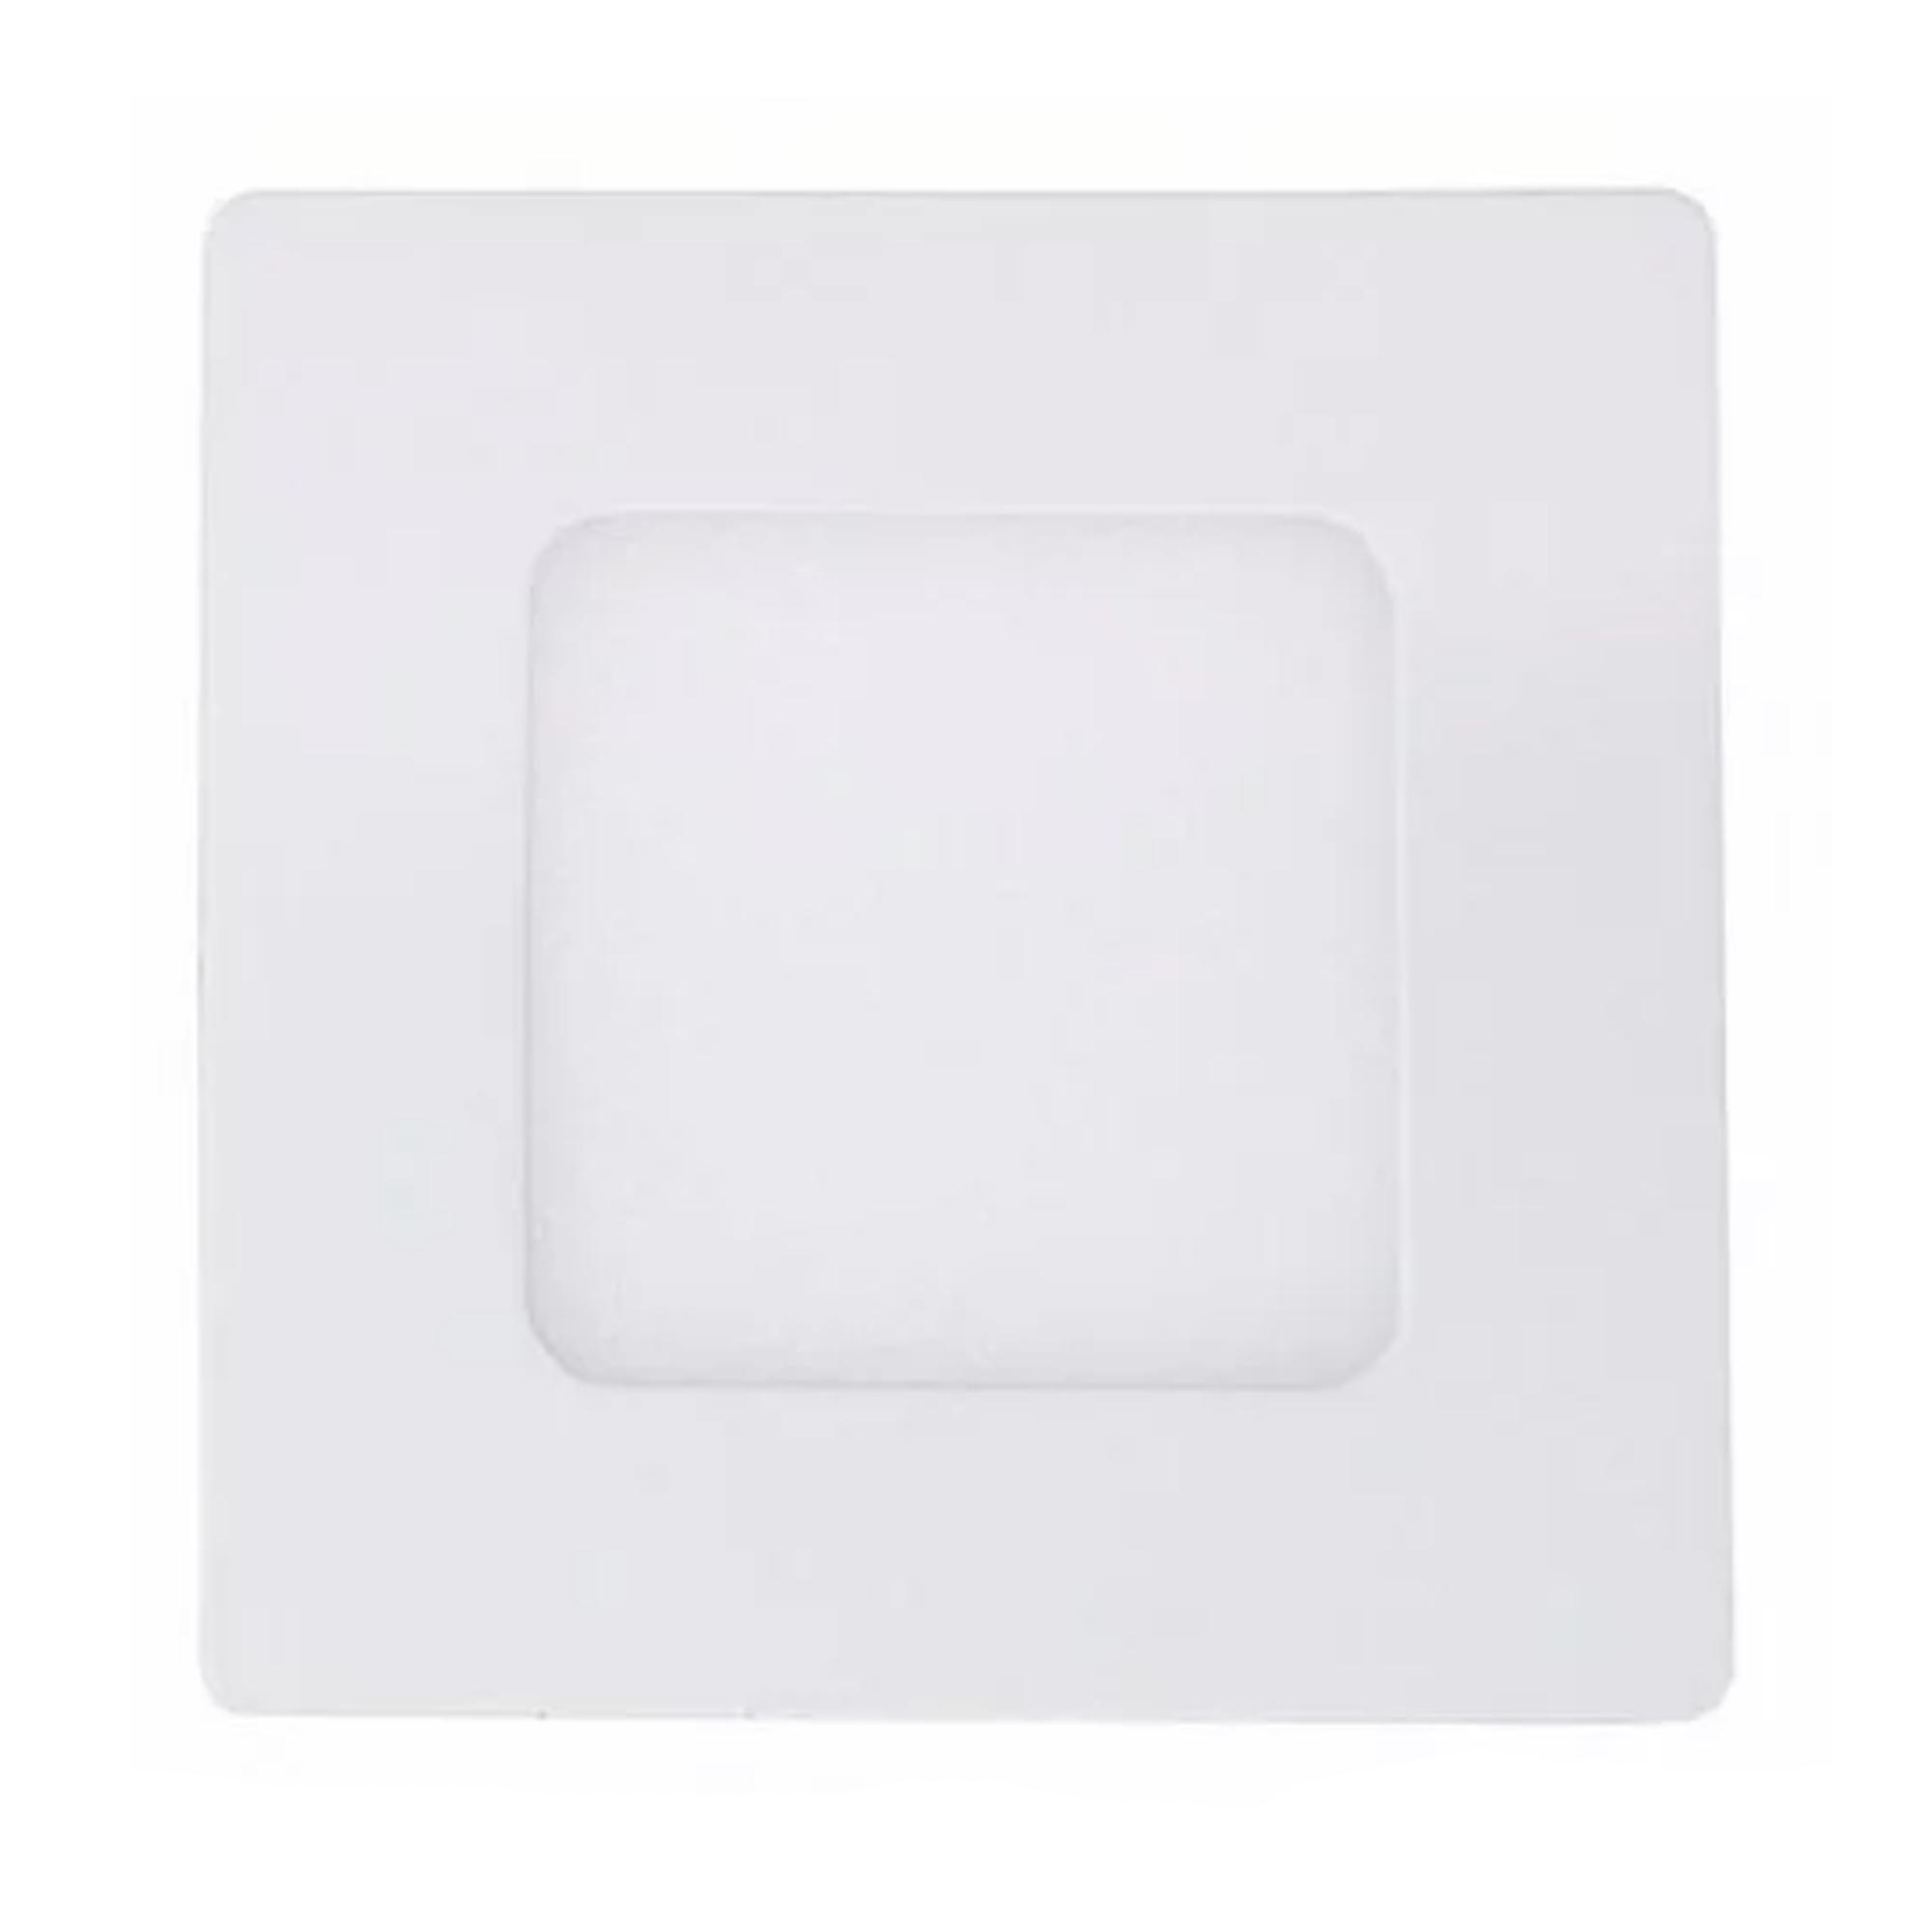 Plafon LED Embutir 3W Quadrado / Branco Frio